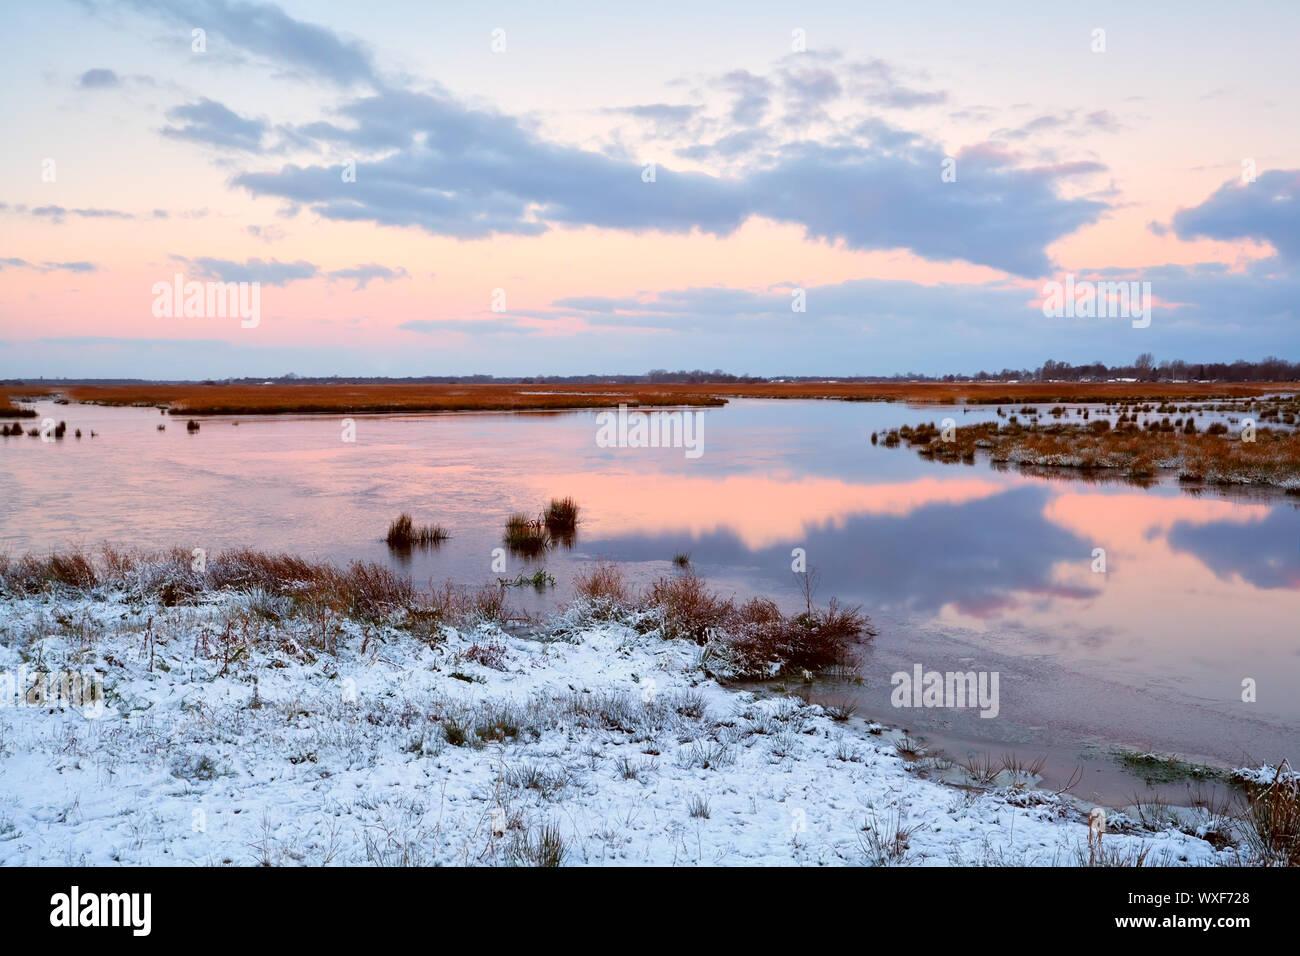 Lever de soleil au-dessus des marais gelés en hiver, Drenthe Banque D'Images